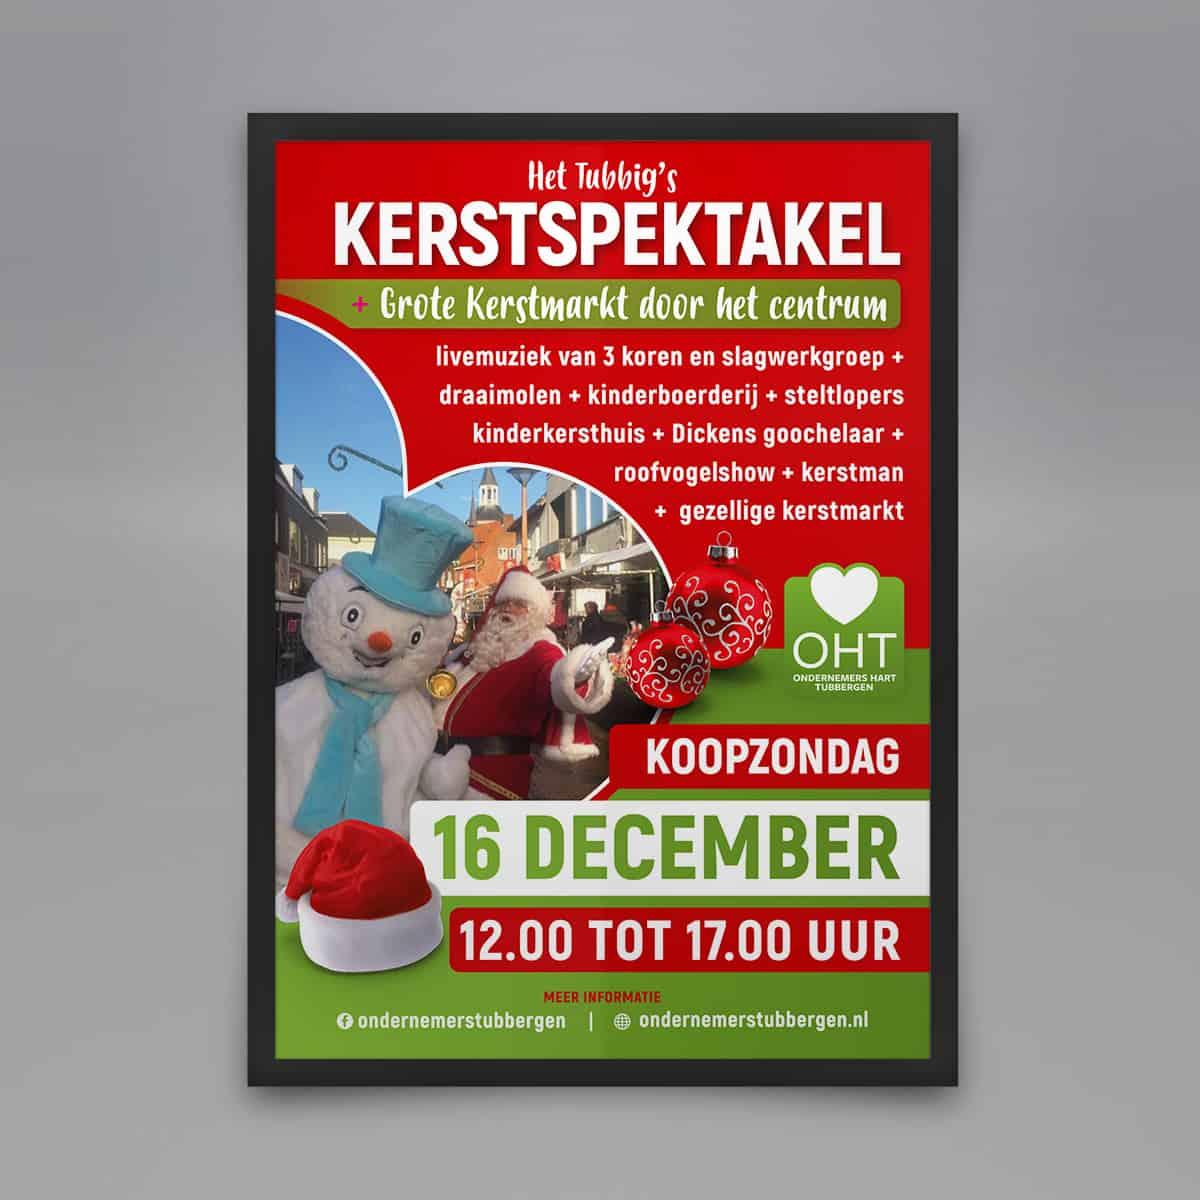 A0-poster-Kerstspektakel-burobedenkt